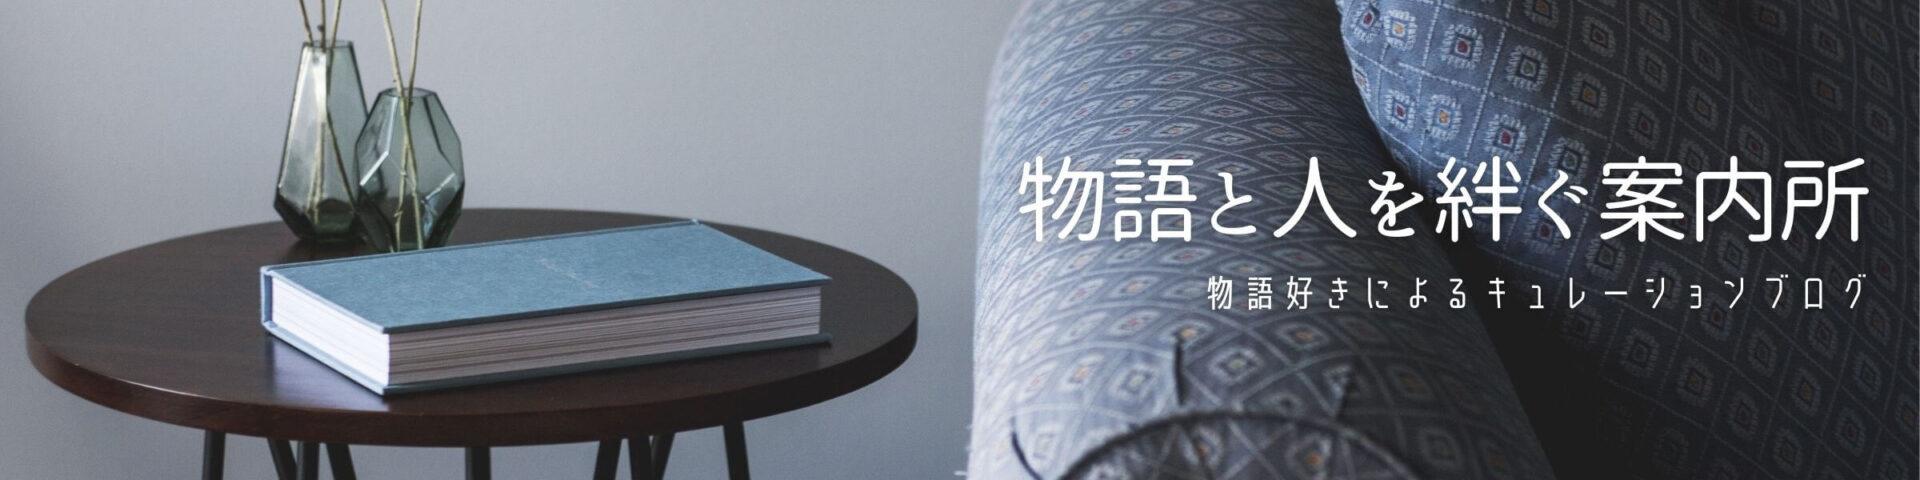 OshiBakoヘッダー画像